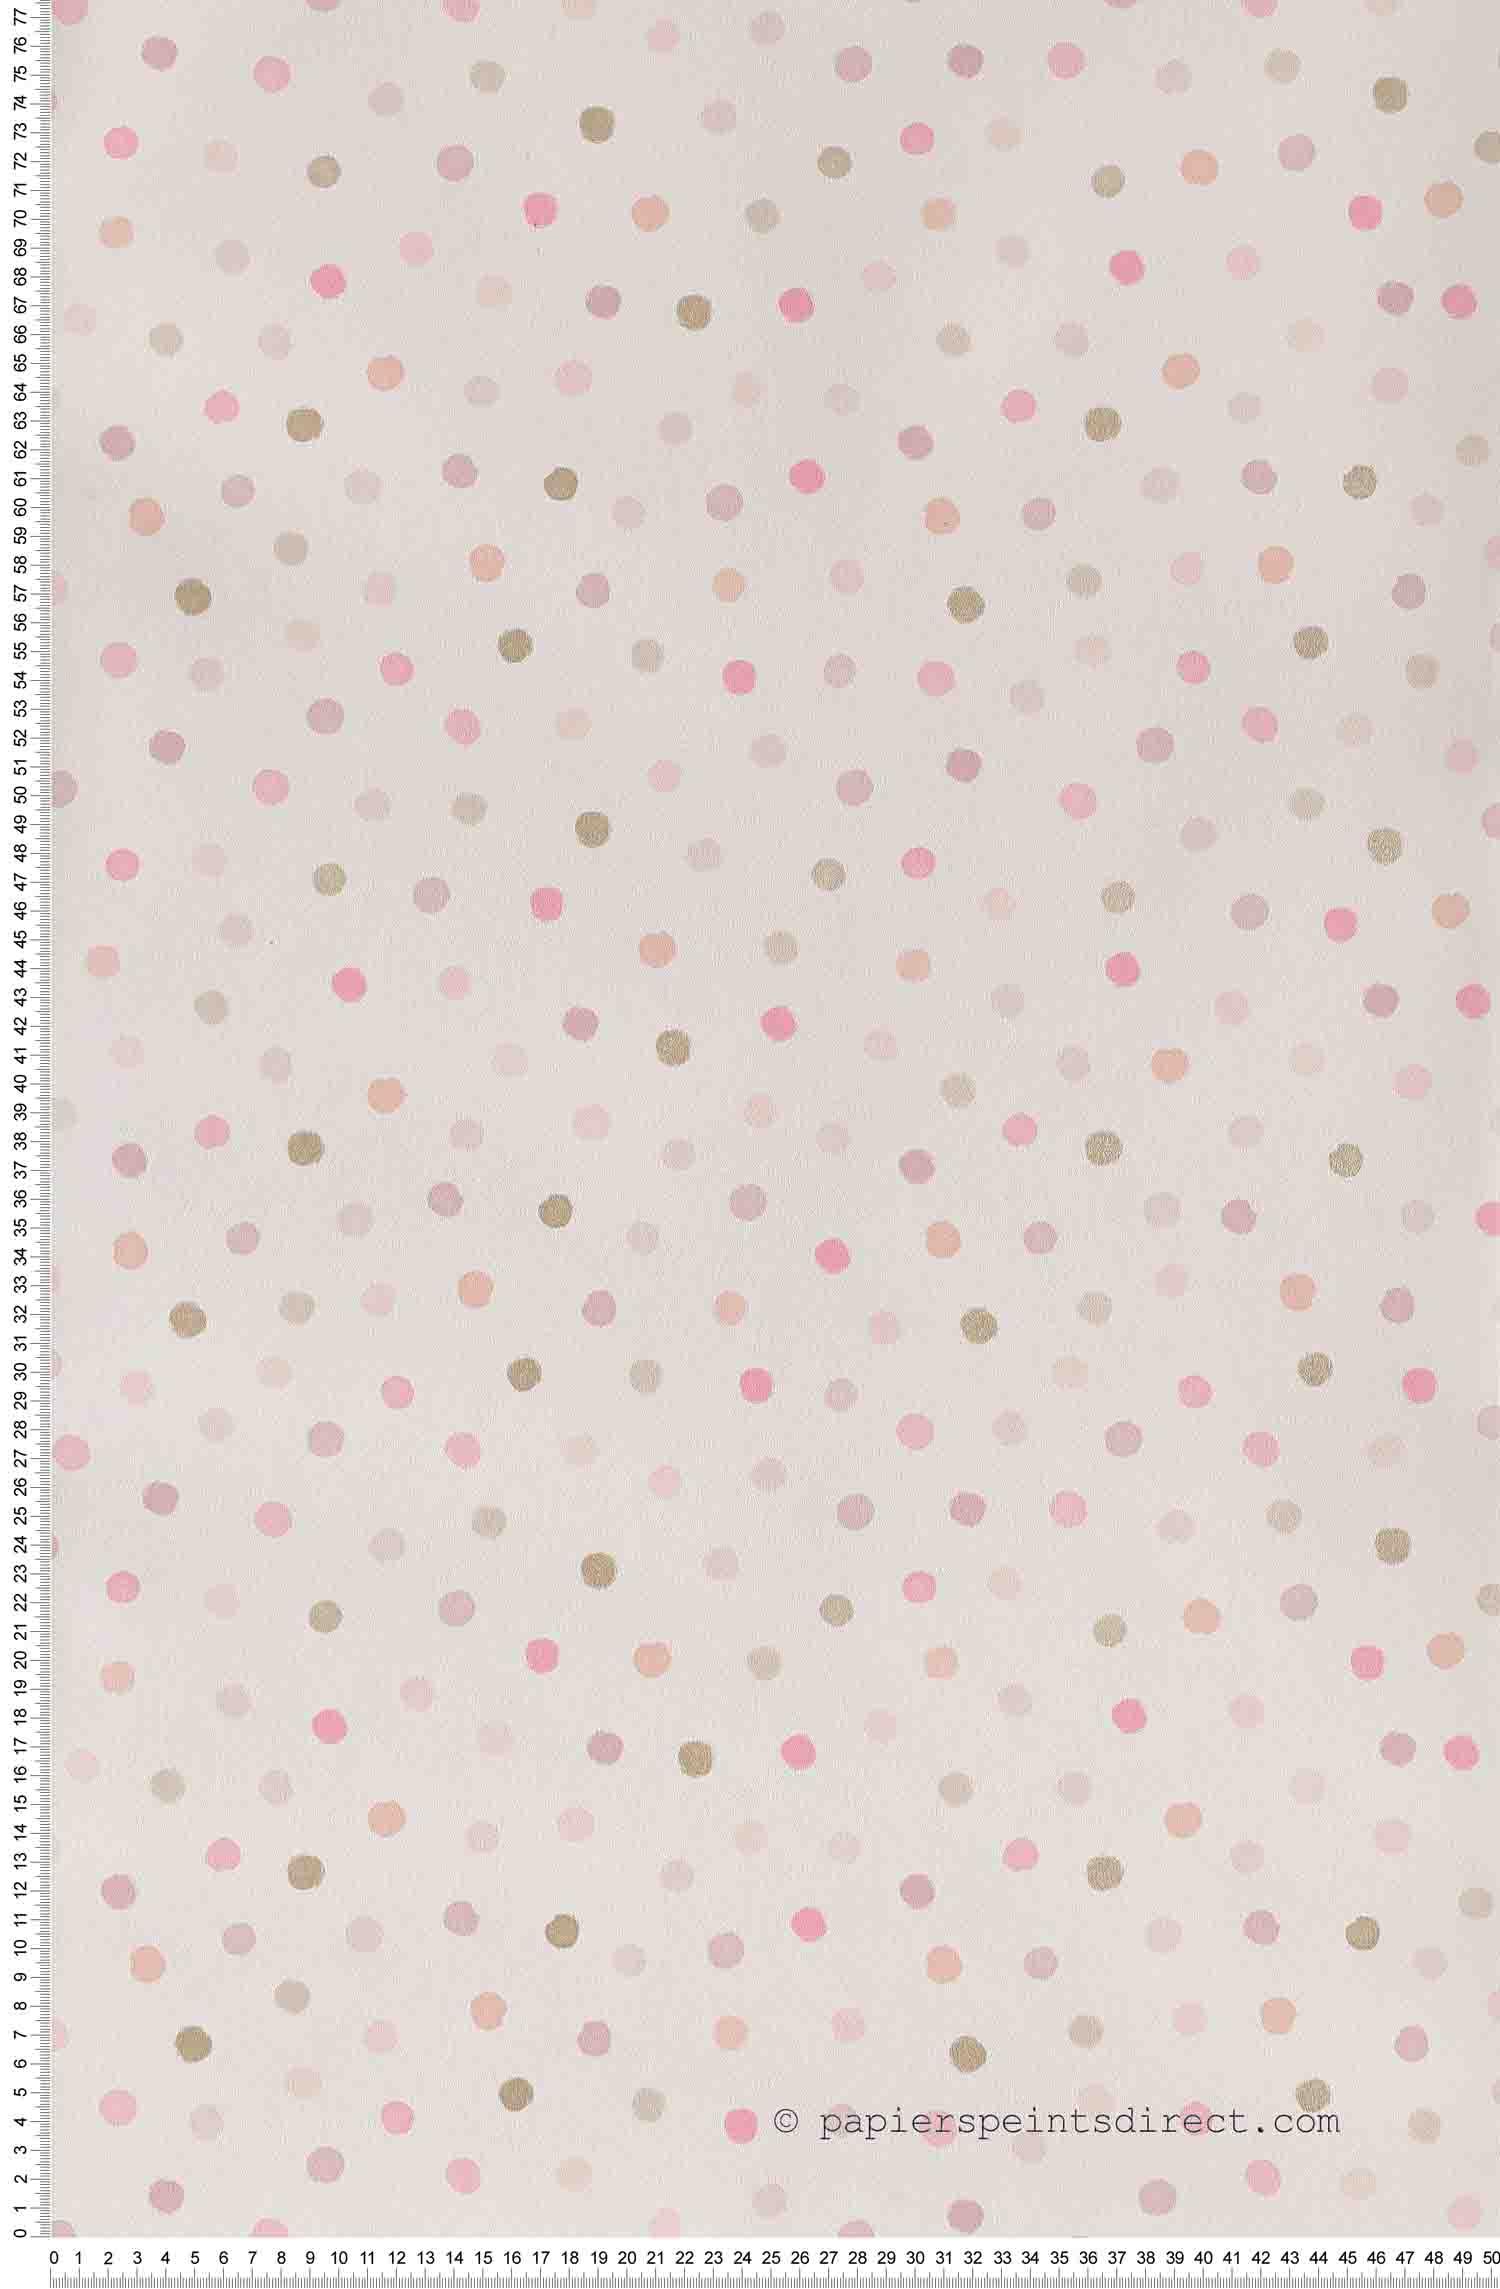 Confettis roses et dorés - Papier peint Ohlala de Casélio